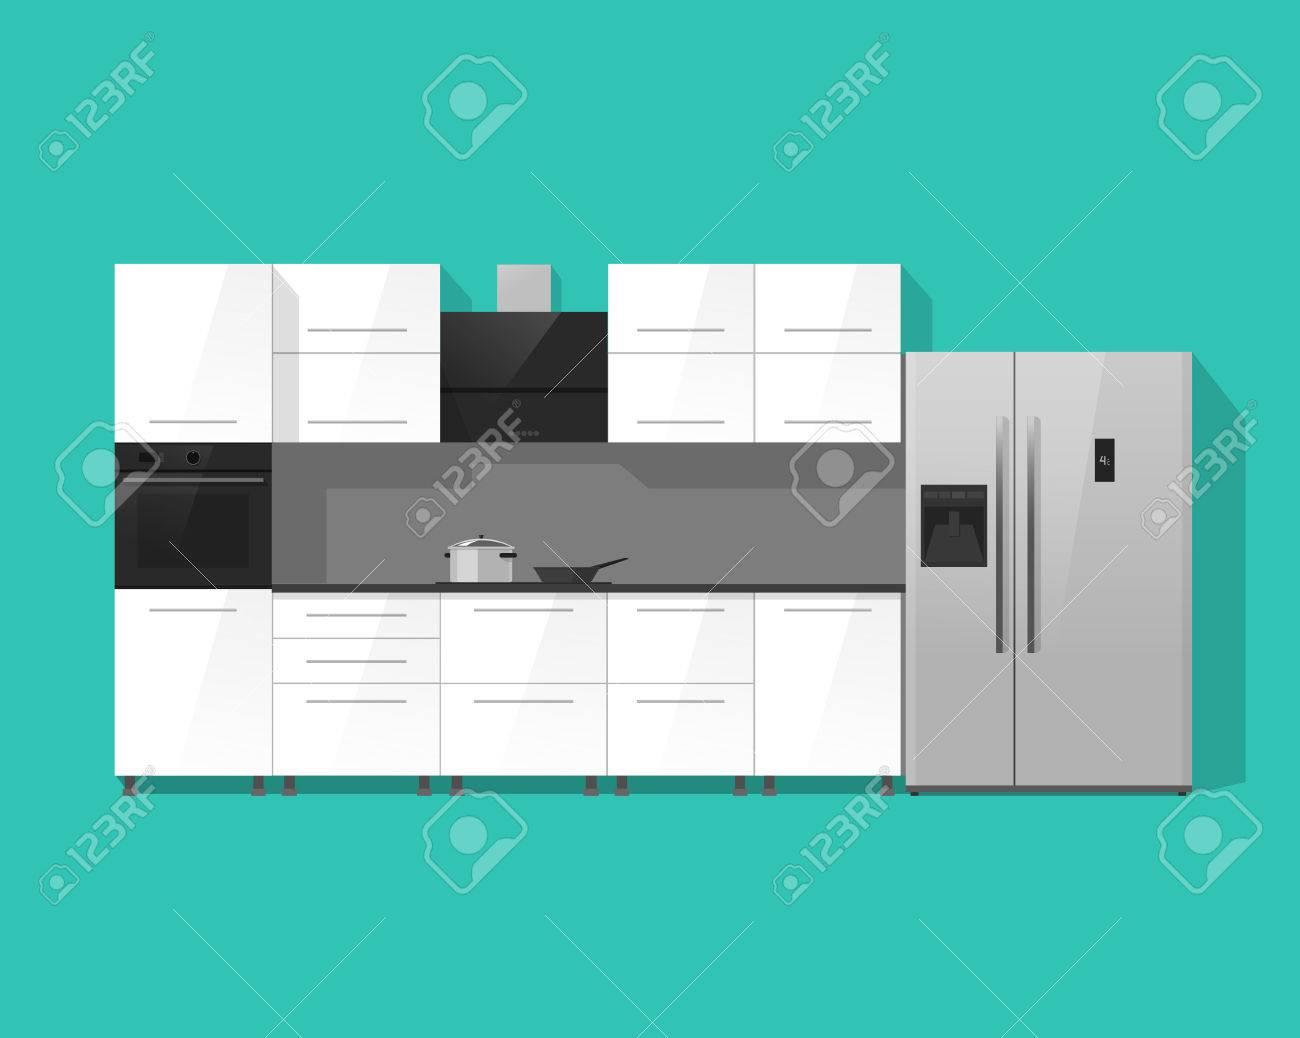 Küche Innenraum Vektor-Illustration Isoliert Auf Grün Farbe ...